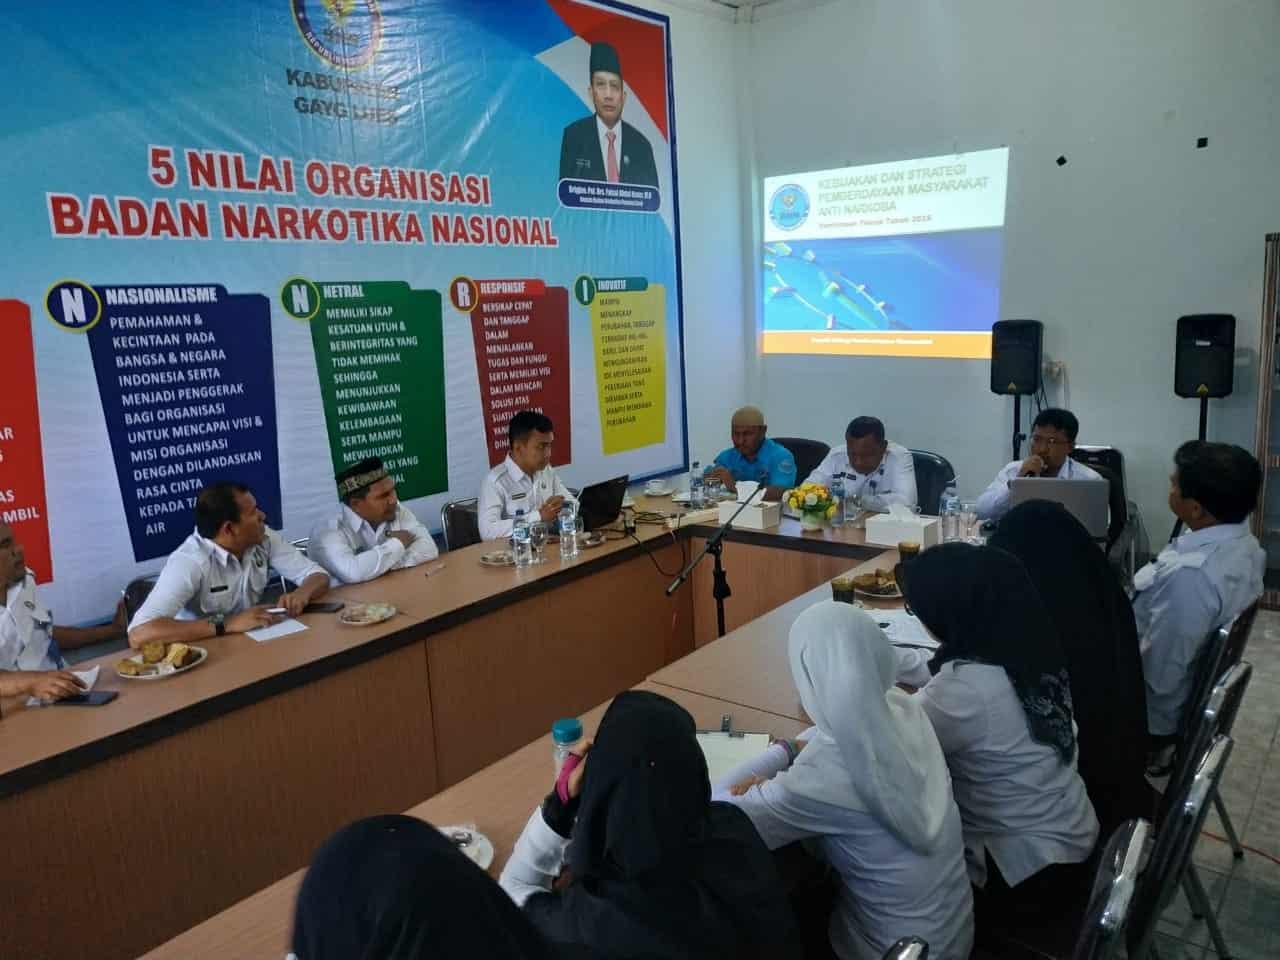 Direktorat Pemberdayaan Alternatif BNN Melakukan Bimbingan Teknis Ke BNNK Gayo Lues